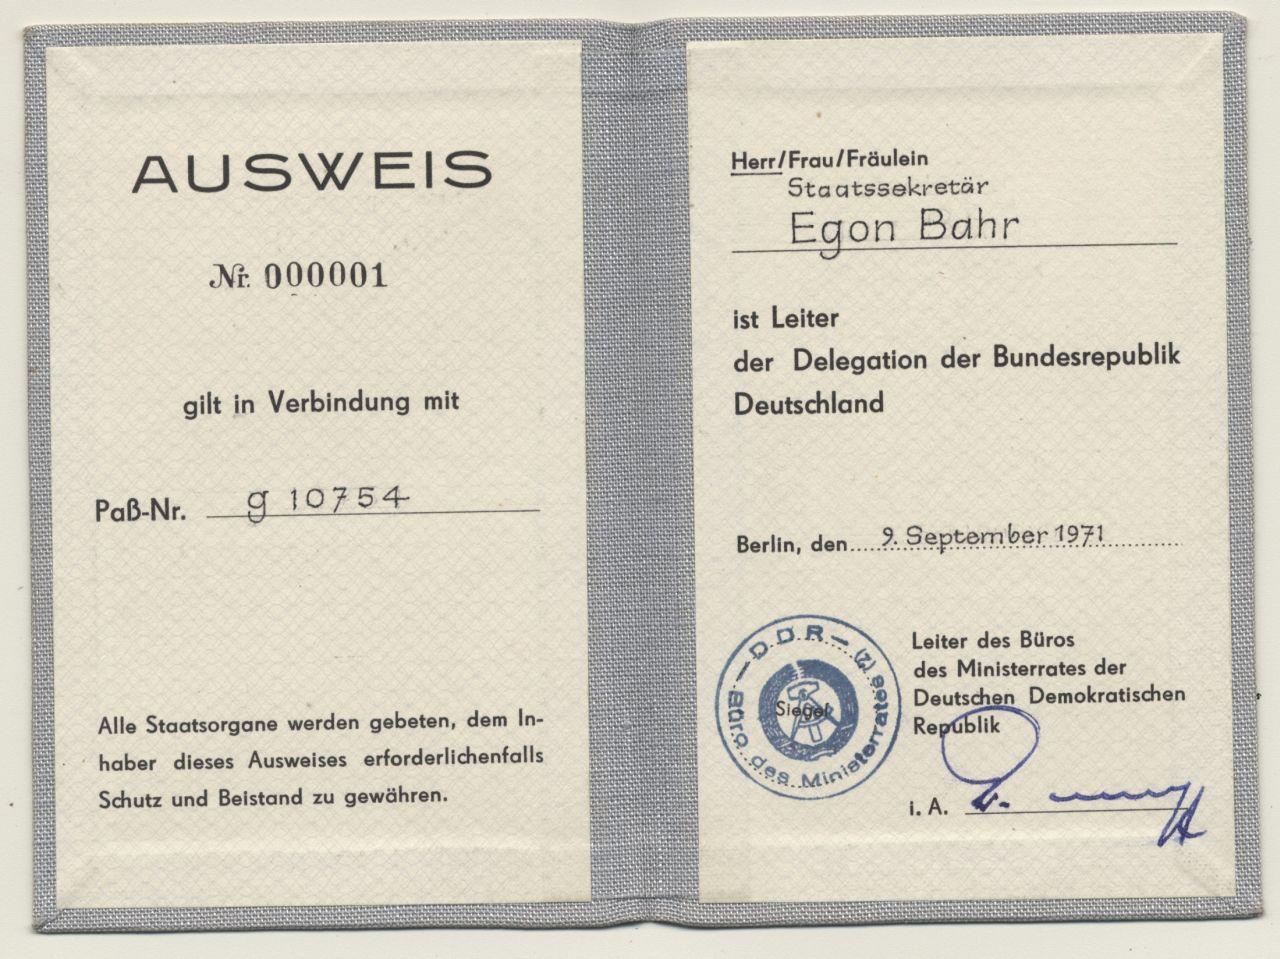 LeMO Bestandsuche - Ausweis